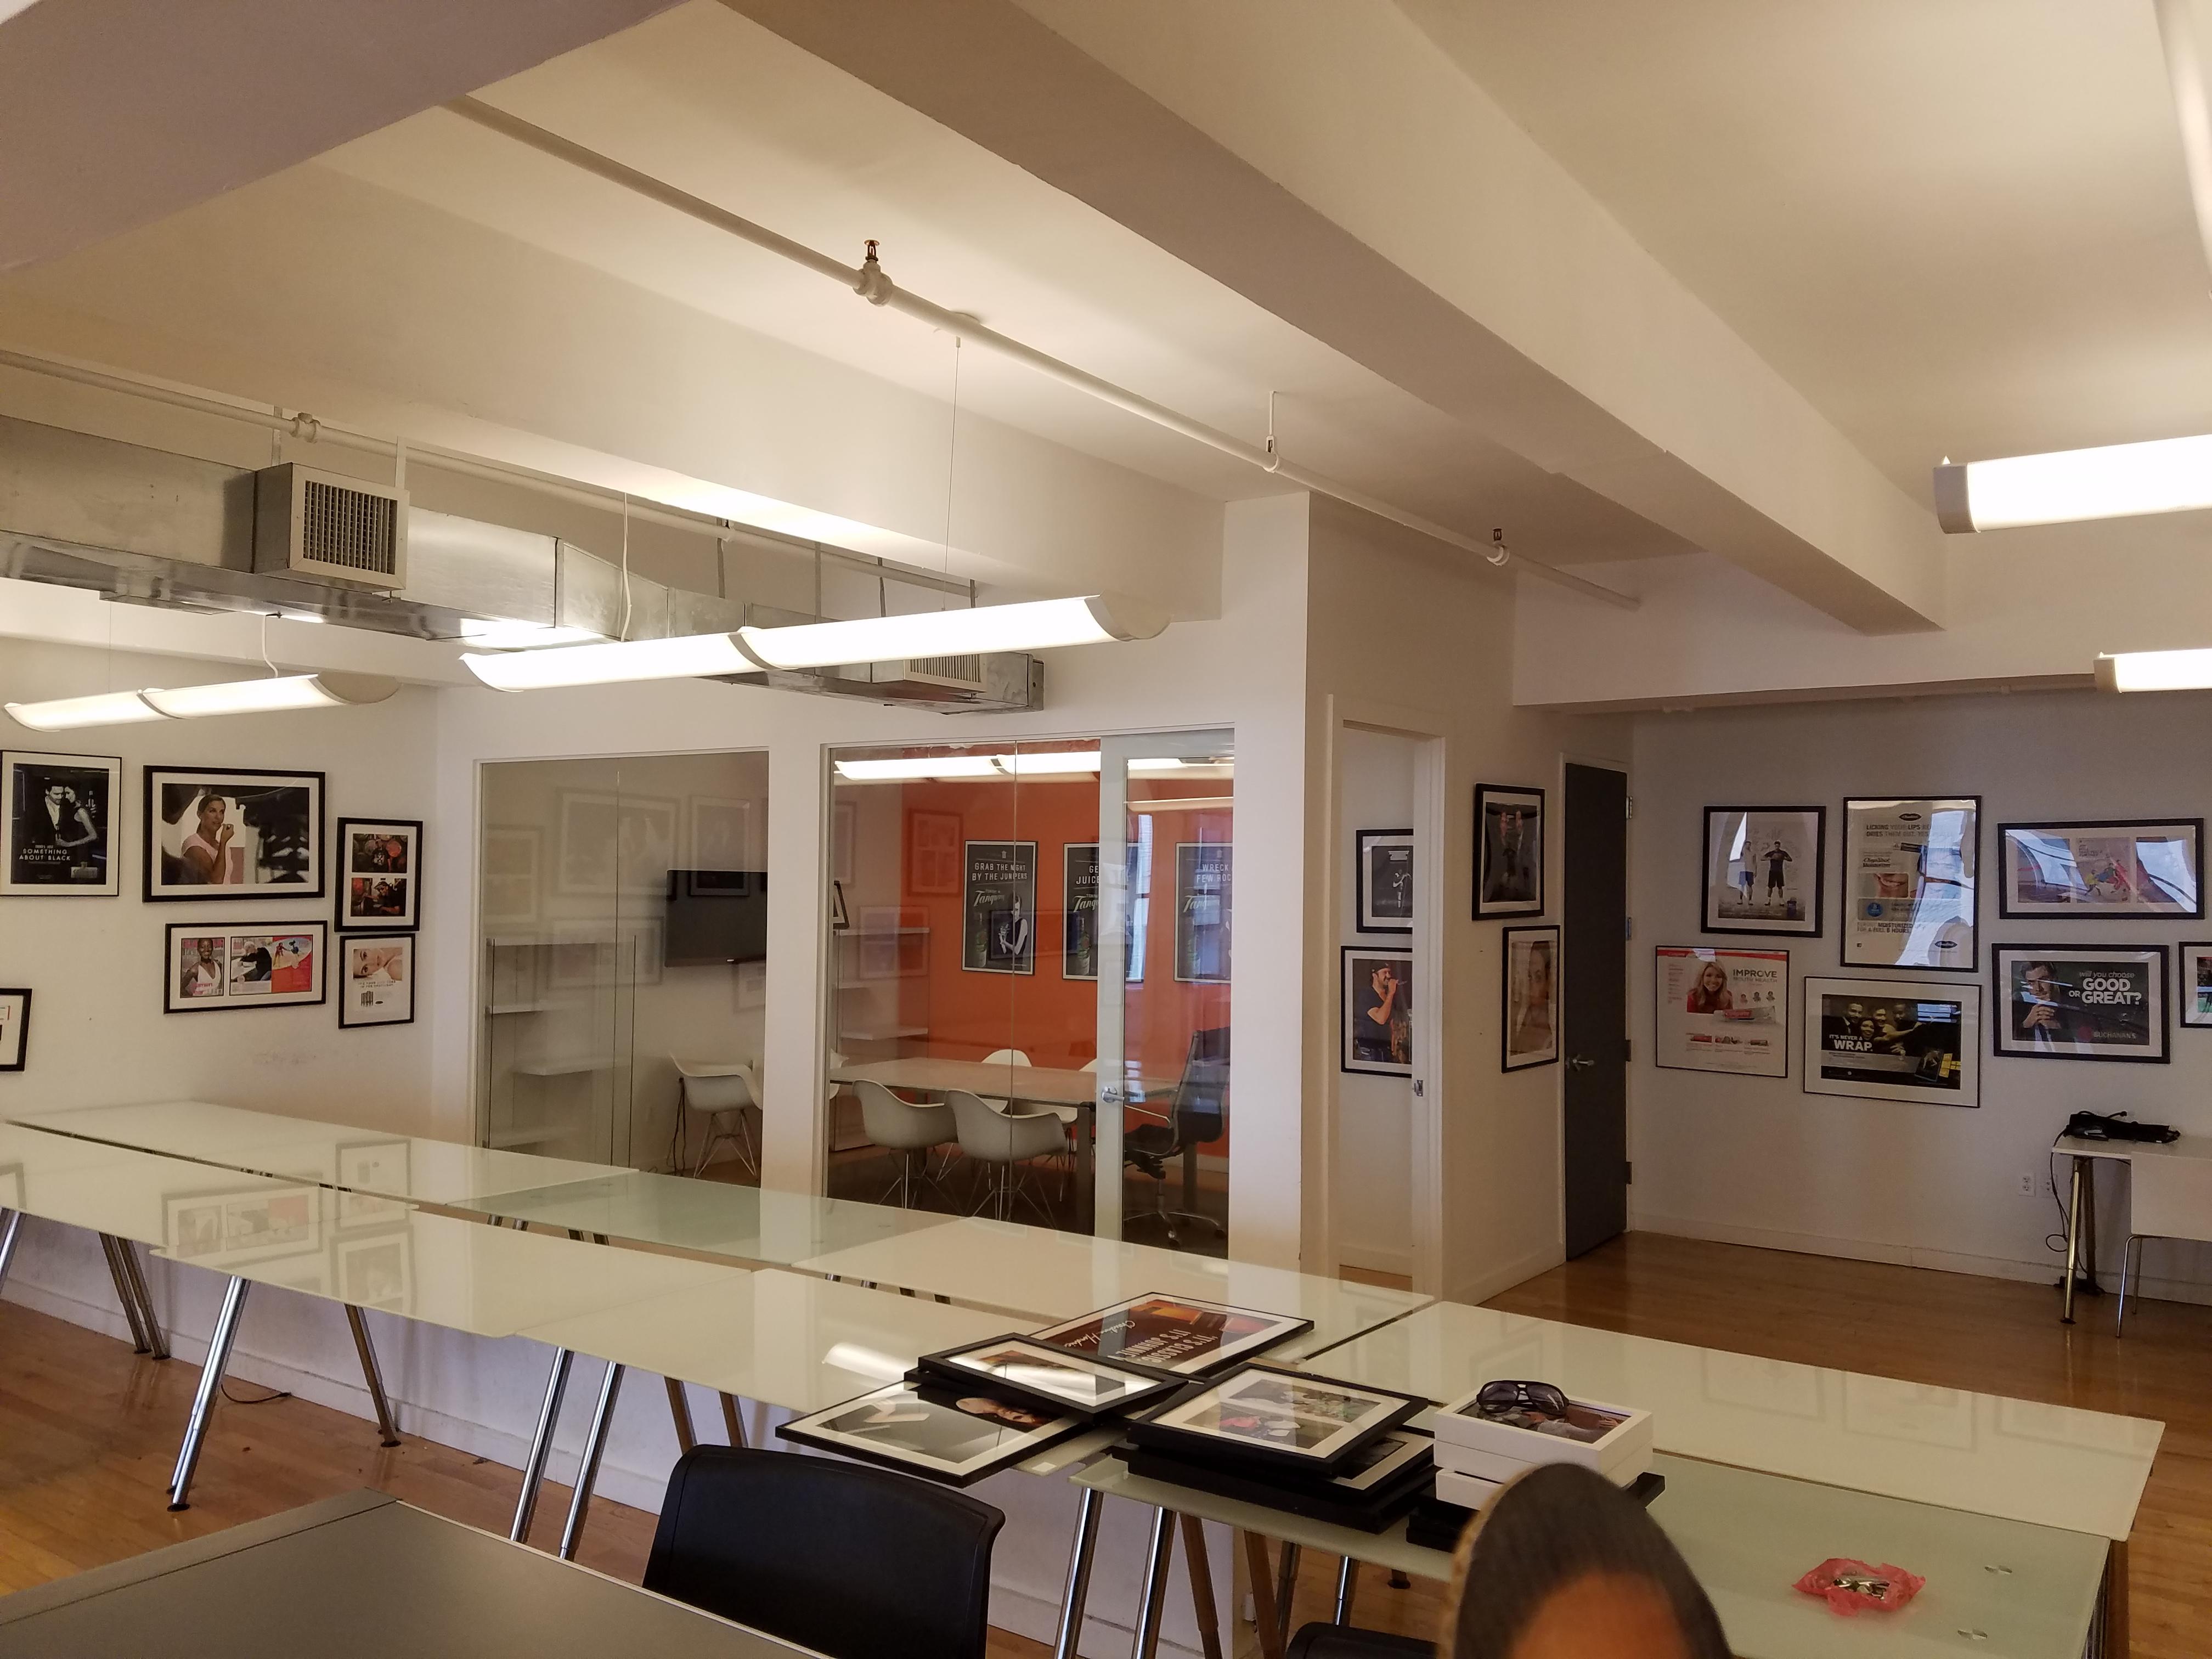 Loft space in flatiron